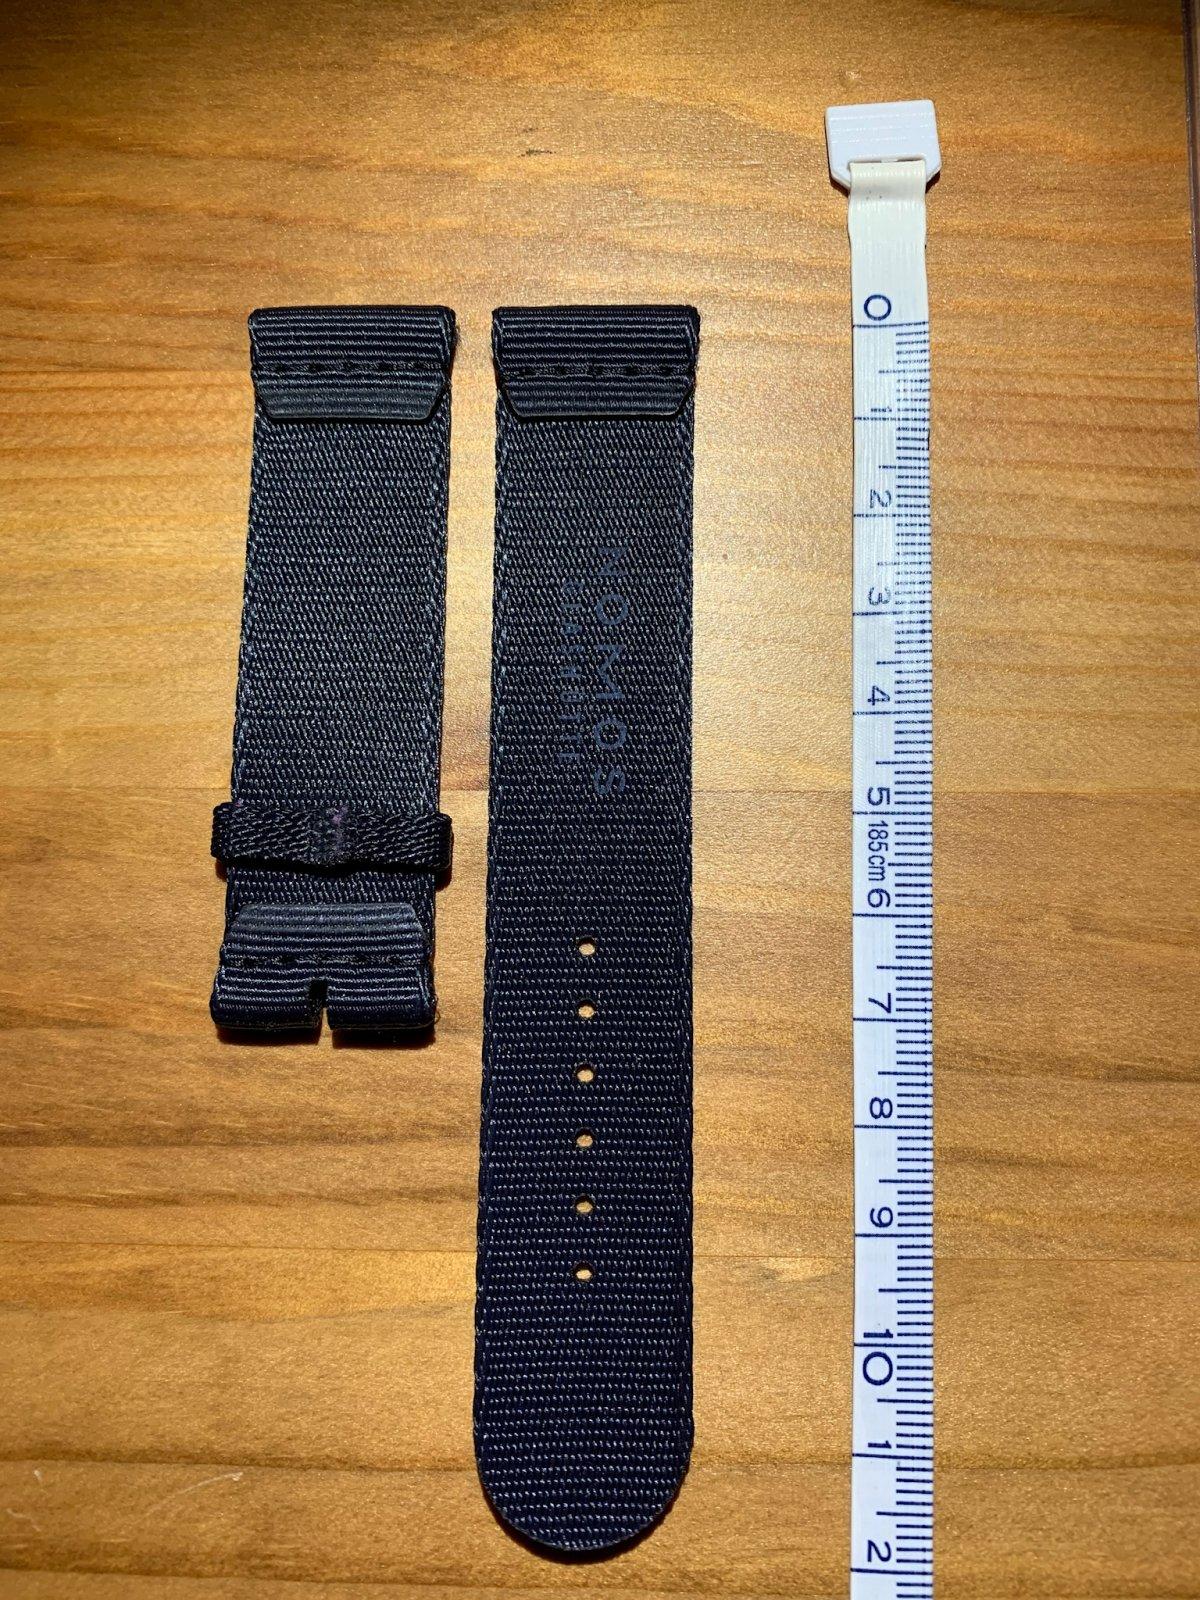 2504D28A-6B80-4080-B392-5AEEA553FB28.jpeg